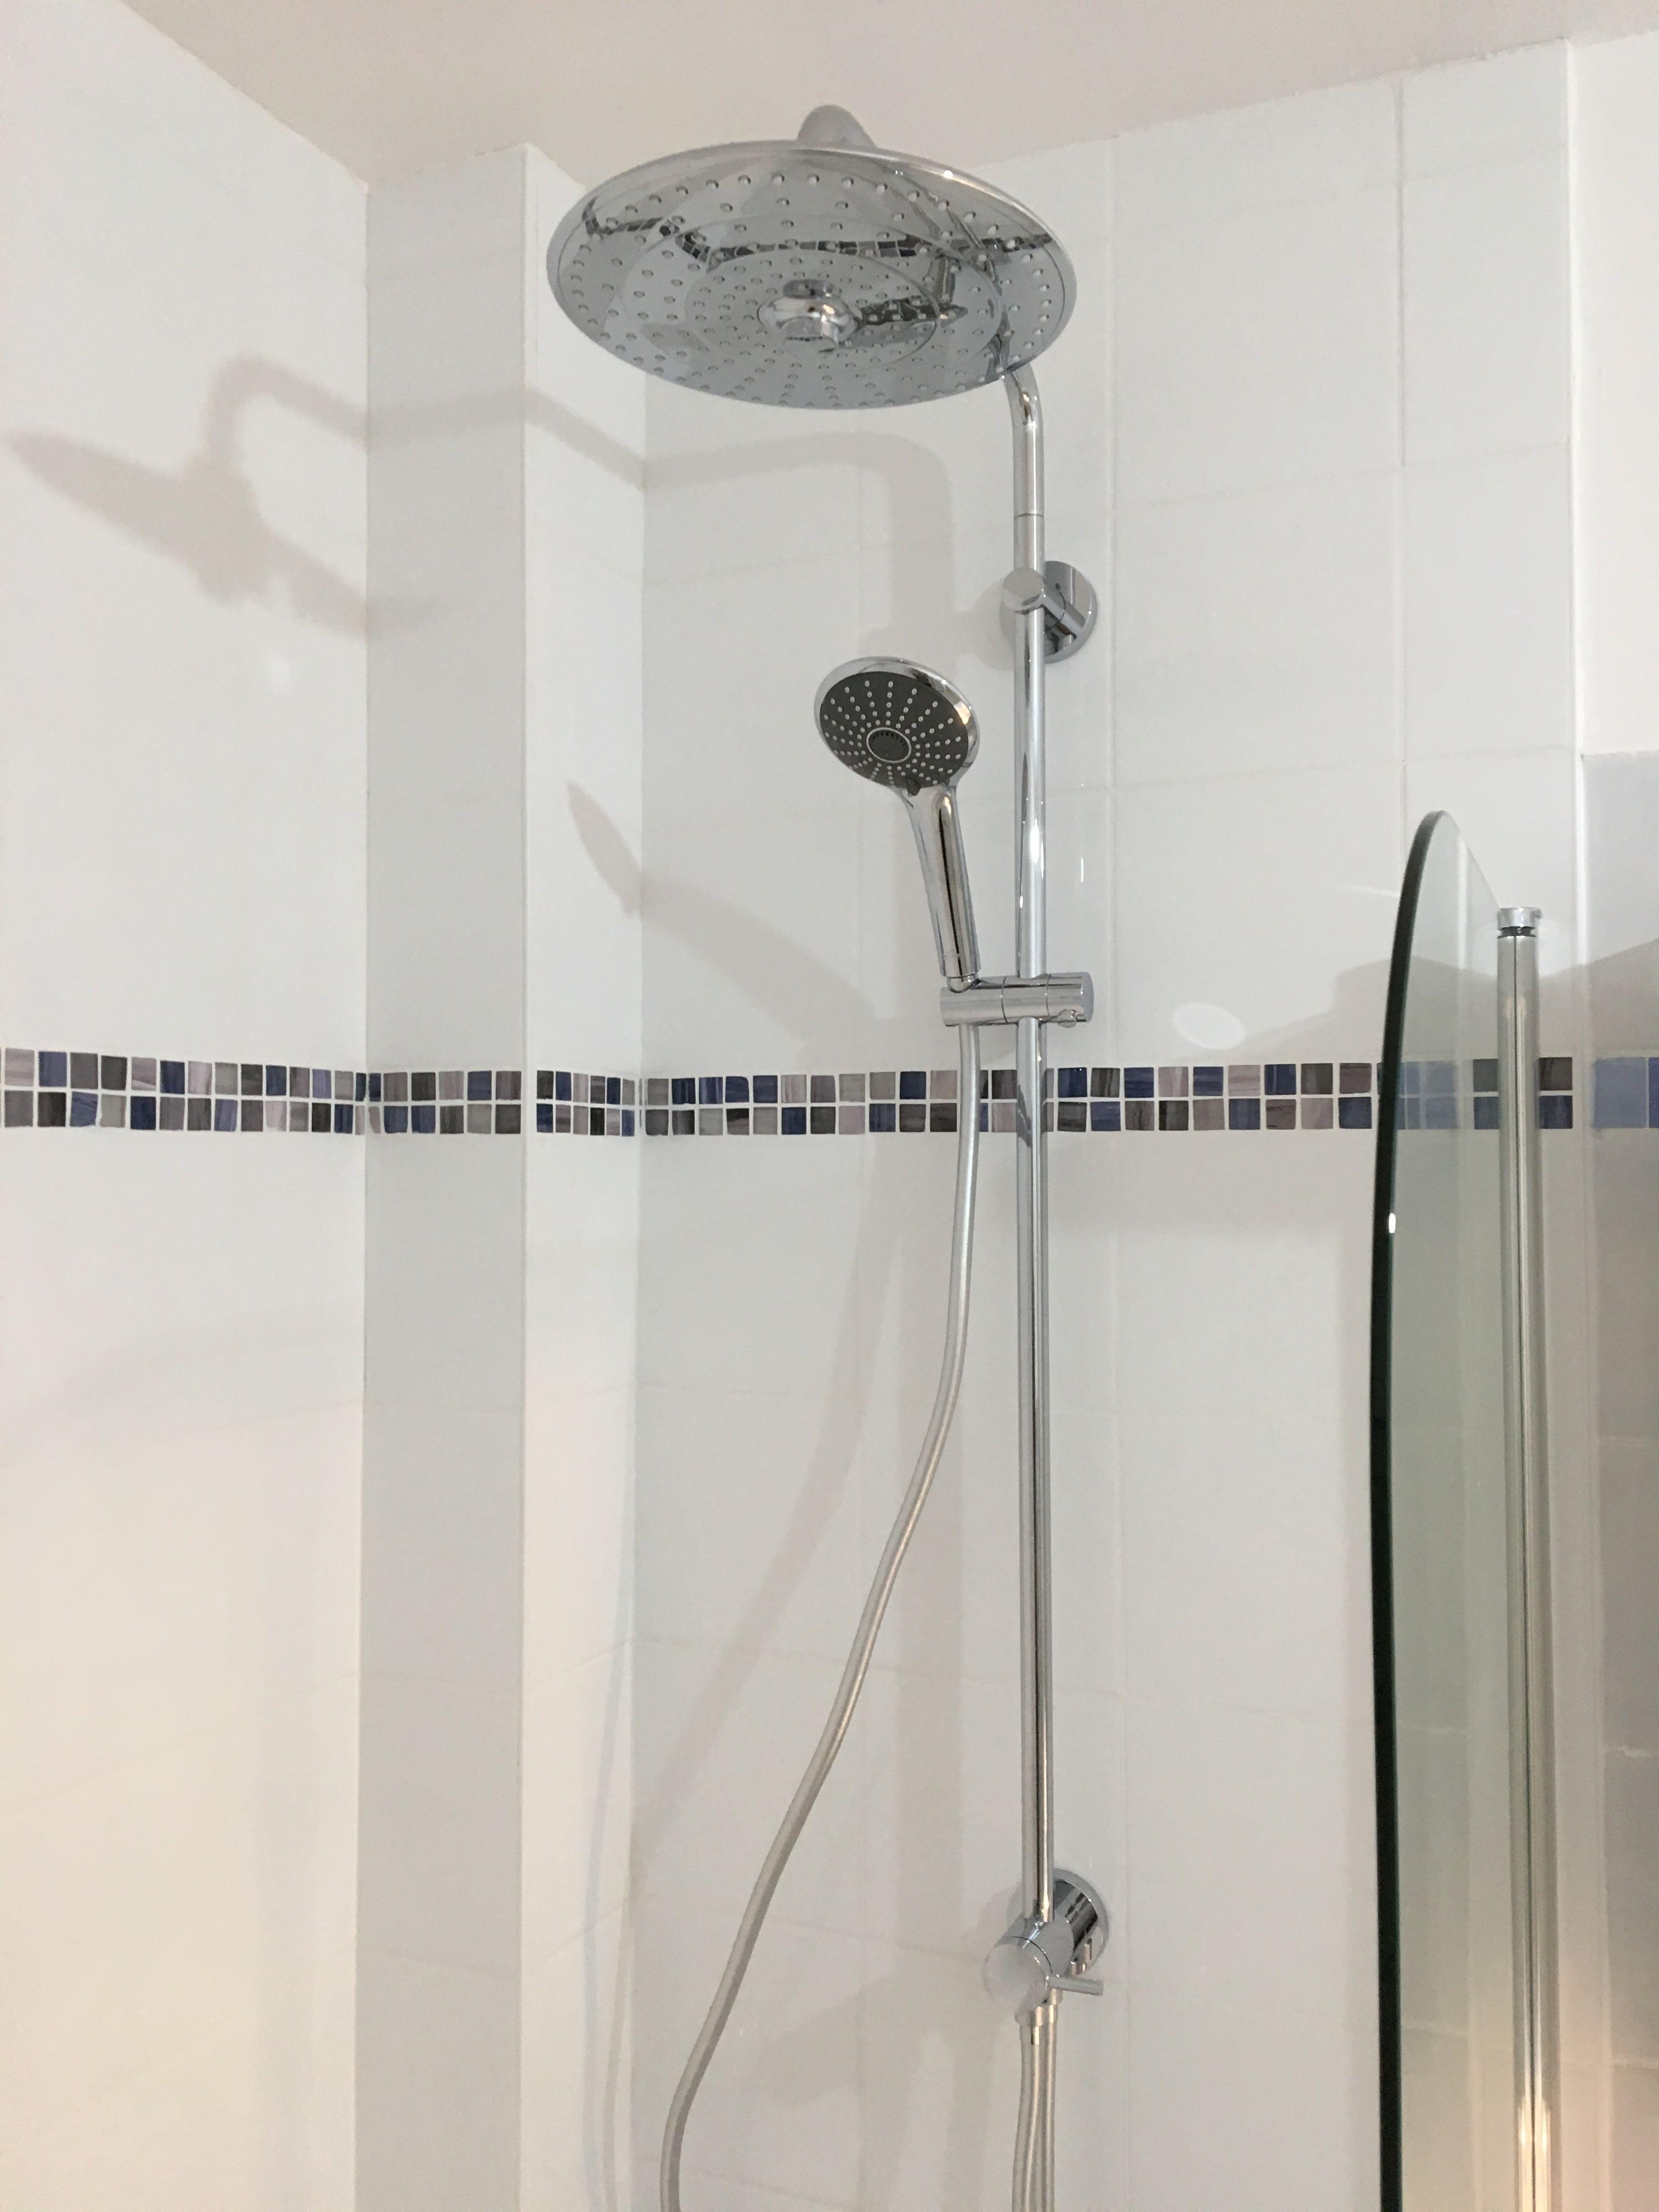 Douche dans la baignoire.